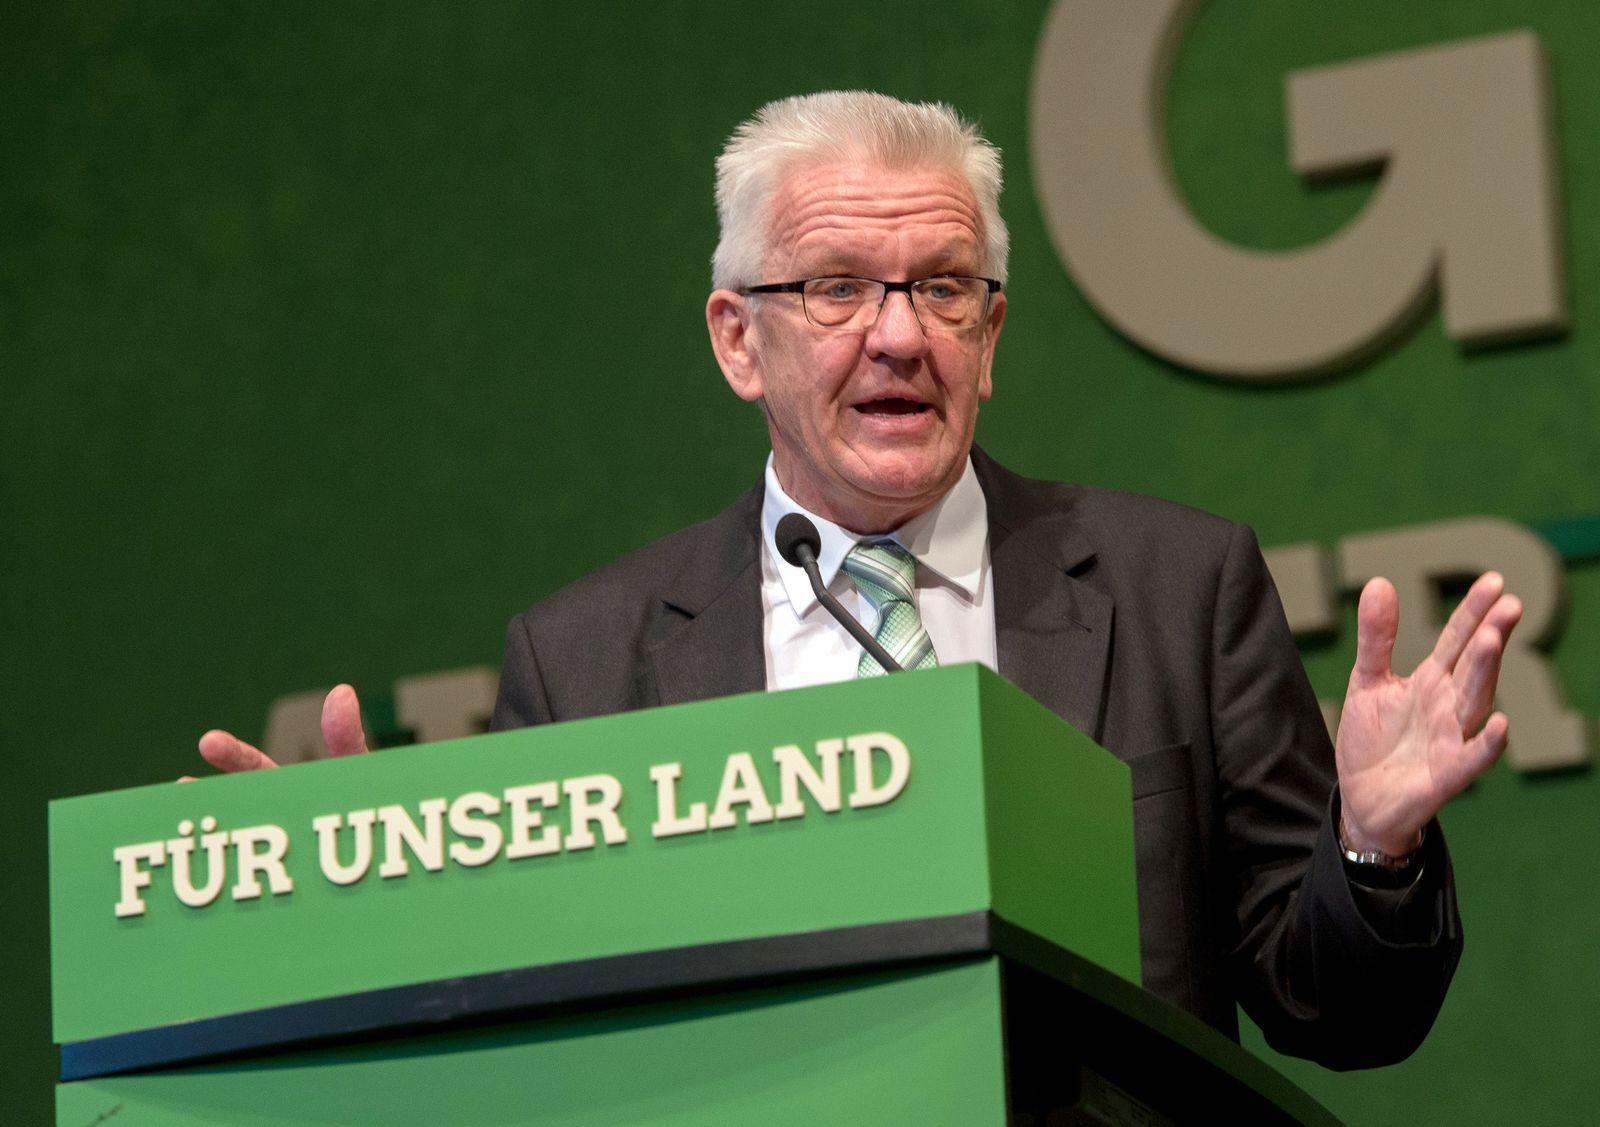 Landesparteitag der Grünen Baden-Württemberg